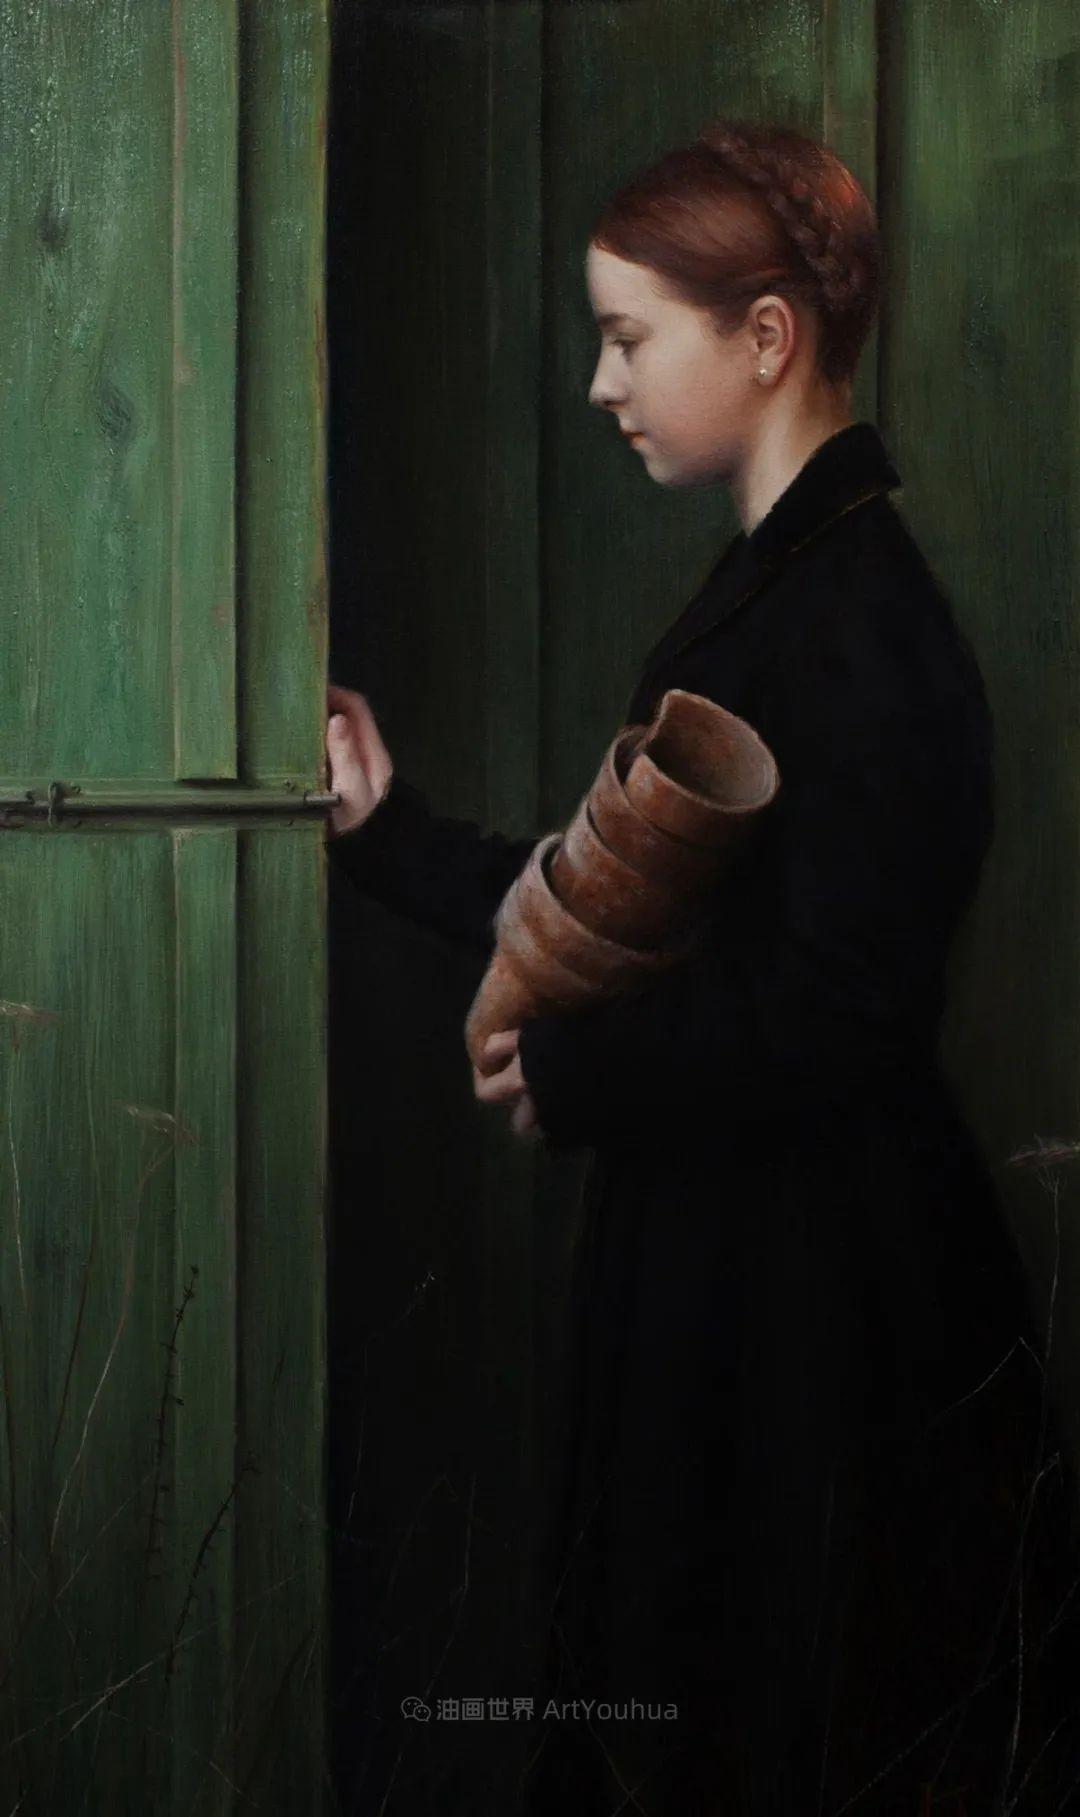 细致入微的静物与肖像,加拿大女画家凯瑟琳·斯通插图33